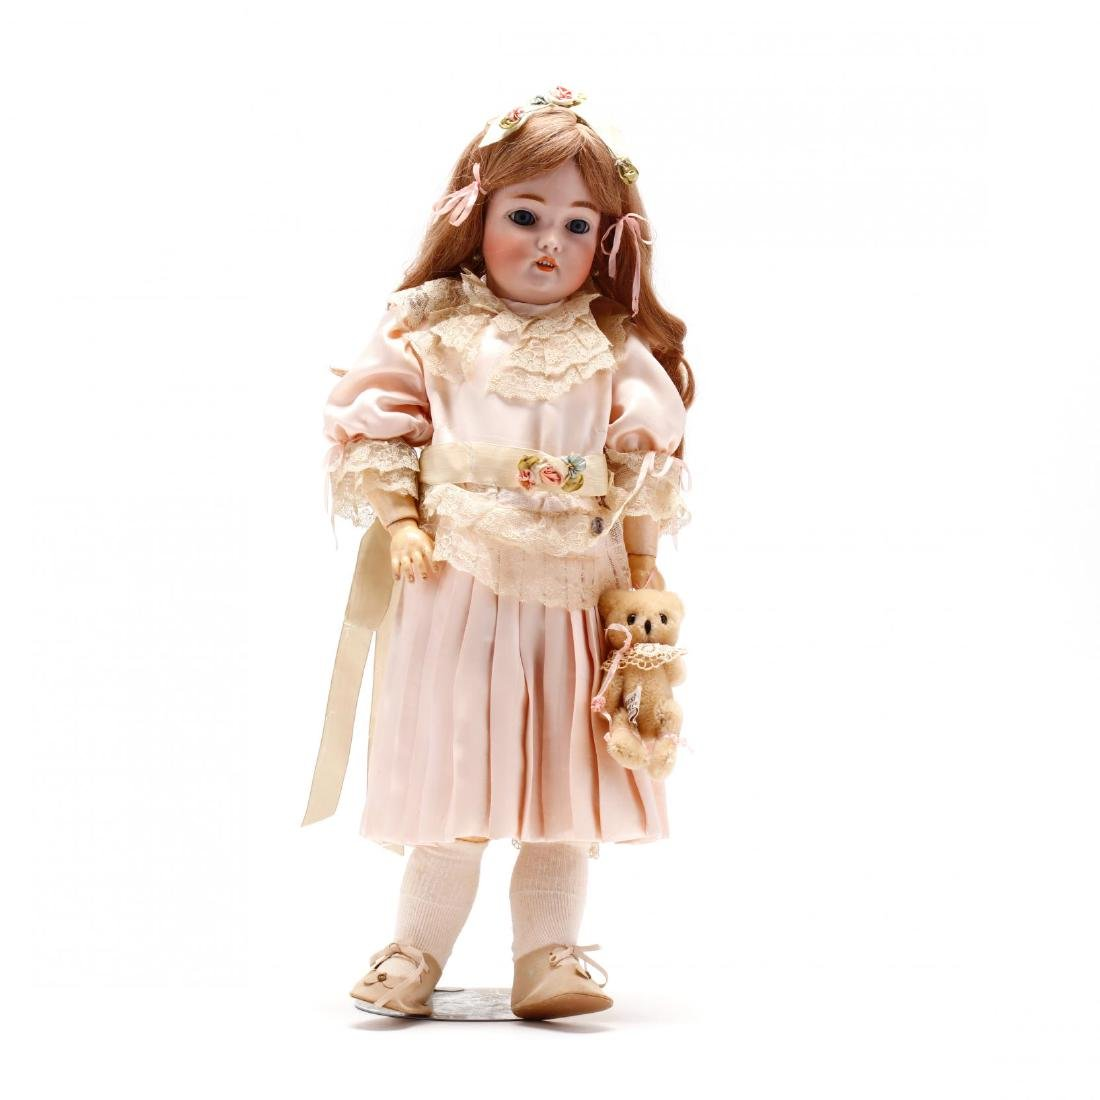 Antique C.M. Bergmann / Simon & Halbig Doll